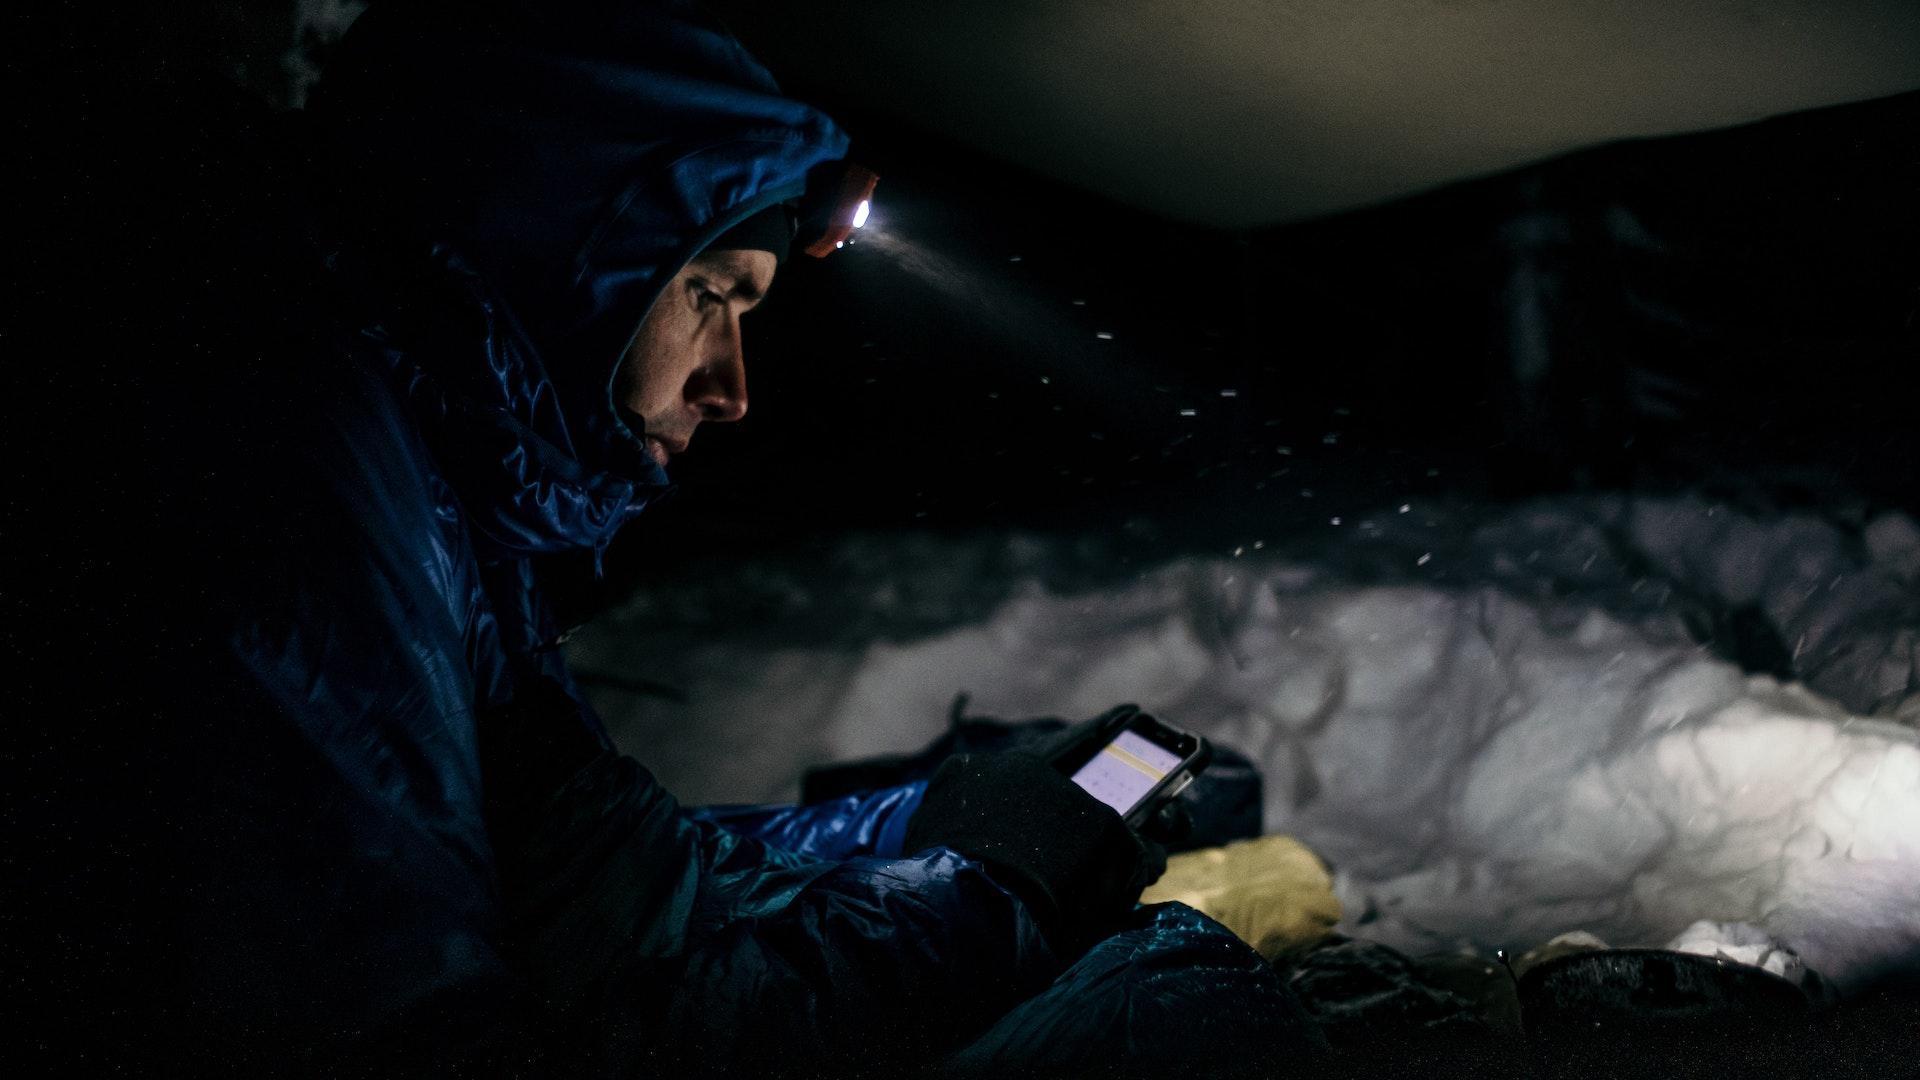 Na końcu nie ma nic: Łukasz Supergan o pierwszym samotnym trawersie Islandii zimą